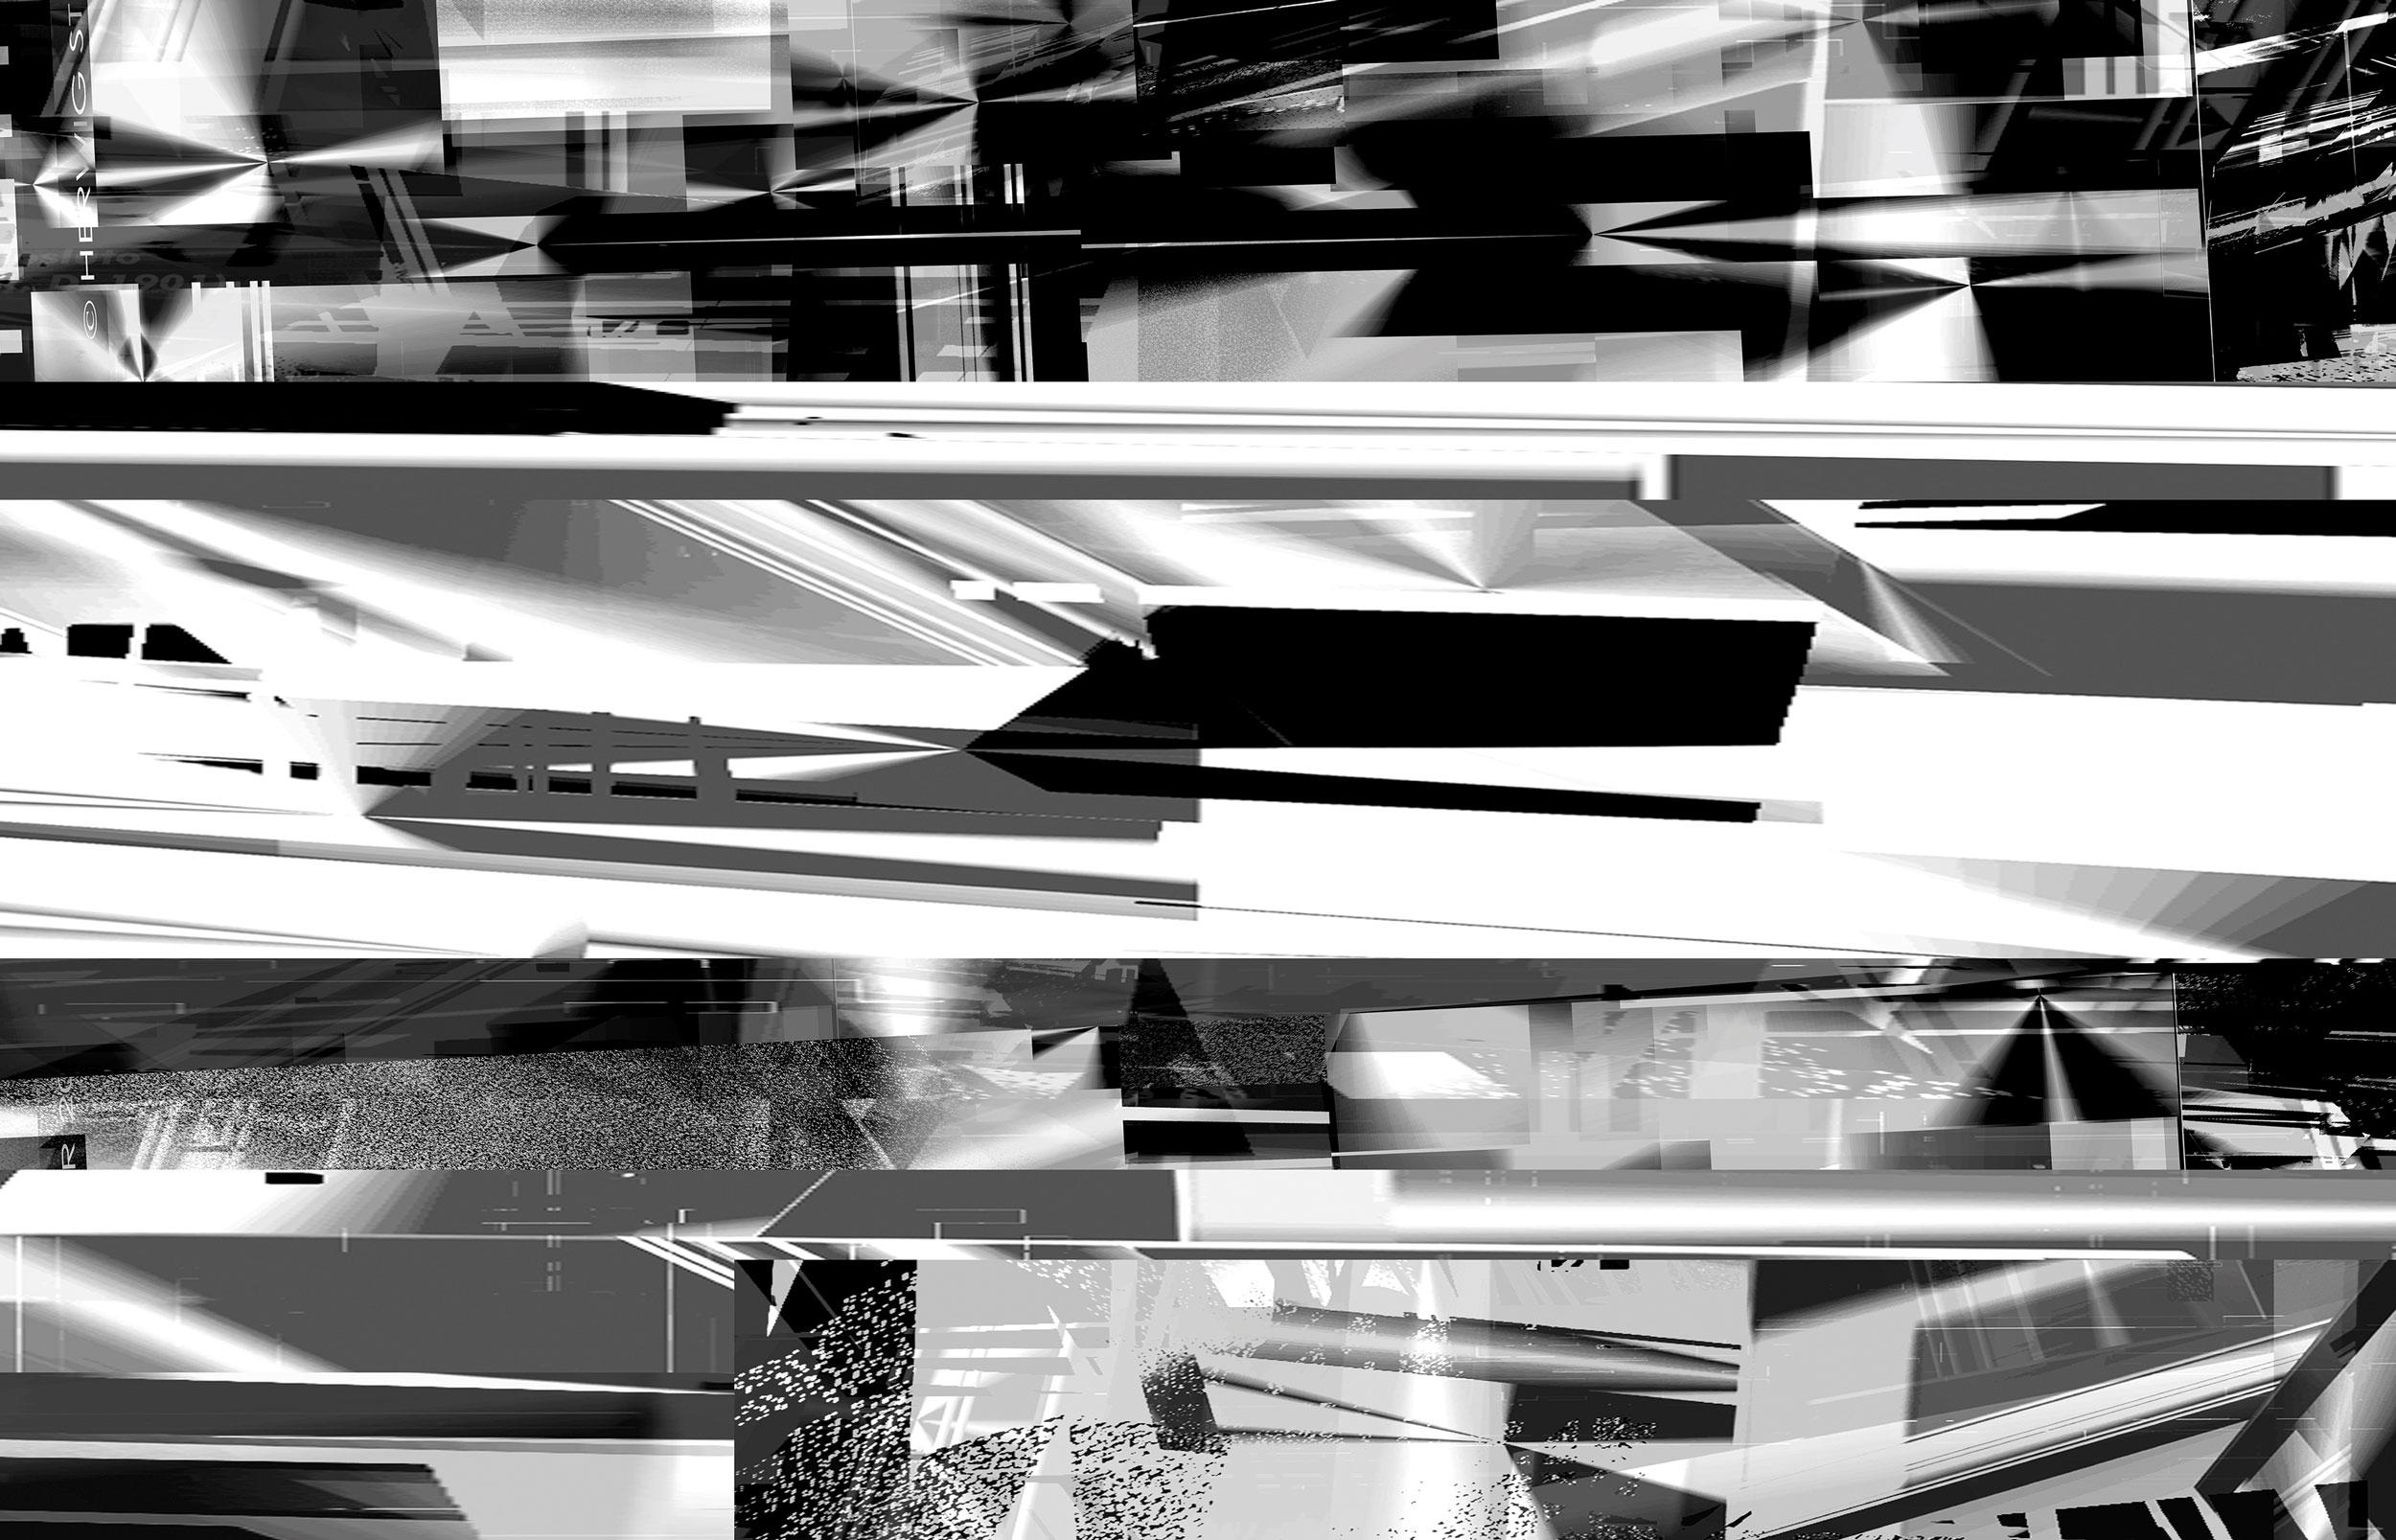 Herwig Steiner(1956L), Architektur, sp99, computergenerierte Zeichnung, 2013